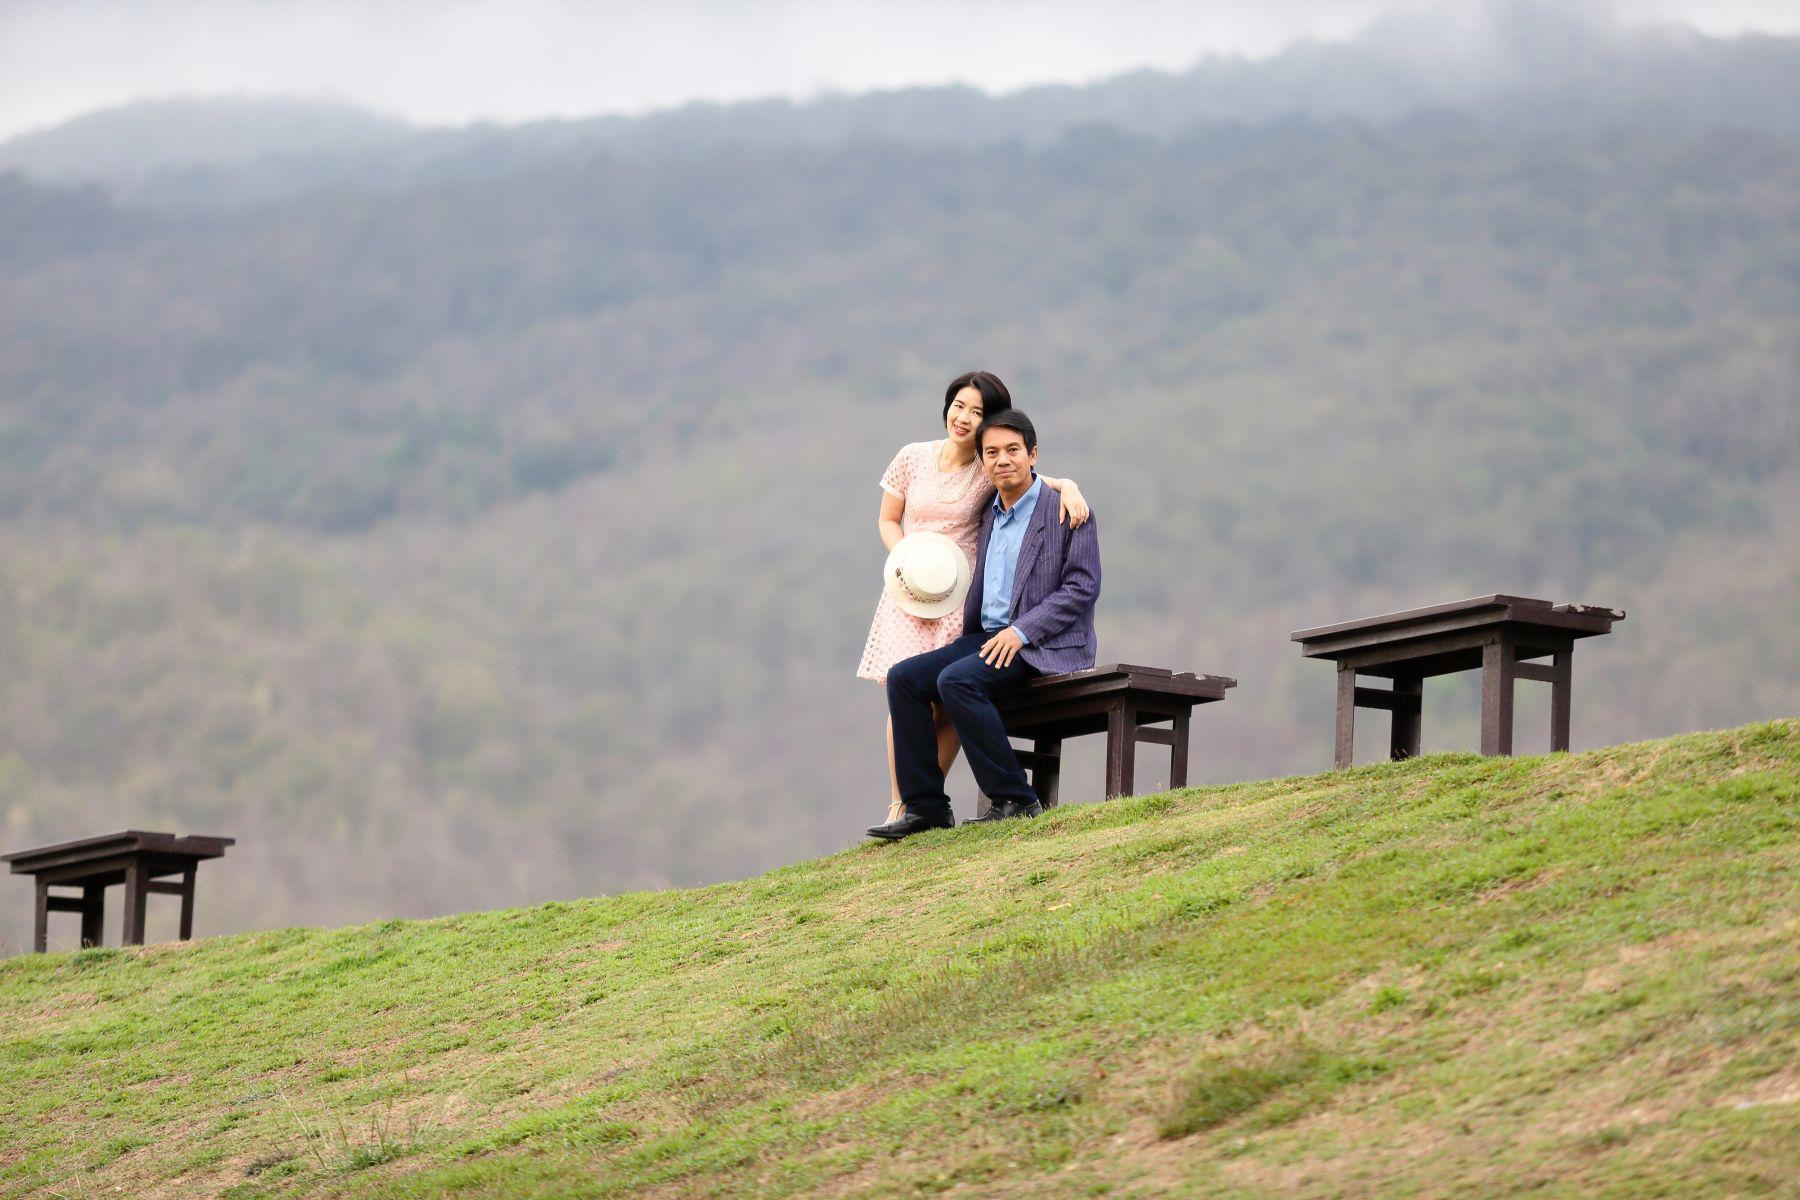 中年夫妻的感情,像倒吃甘蔗,多一些「用心」經營,才能有不同的風景